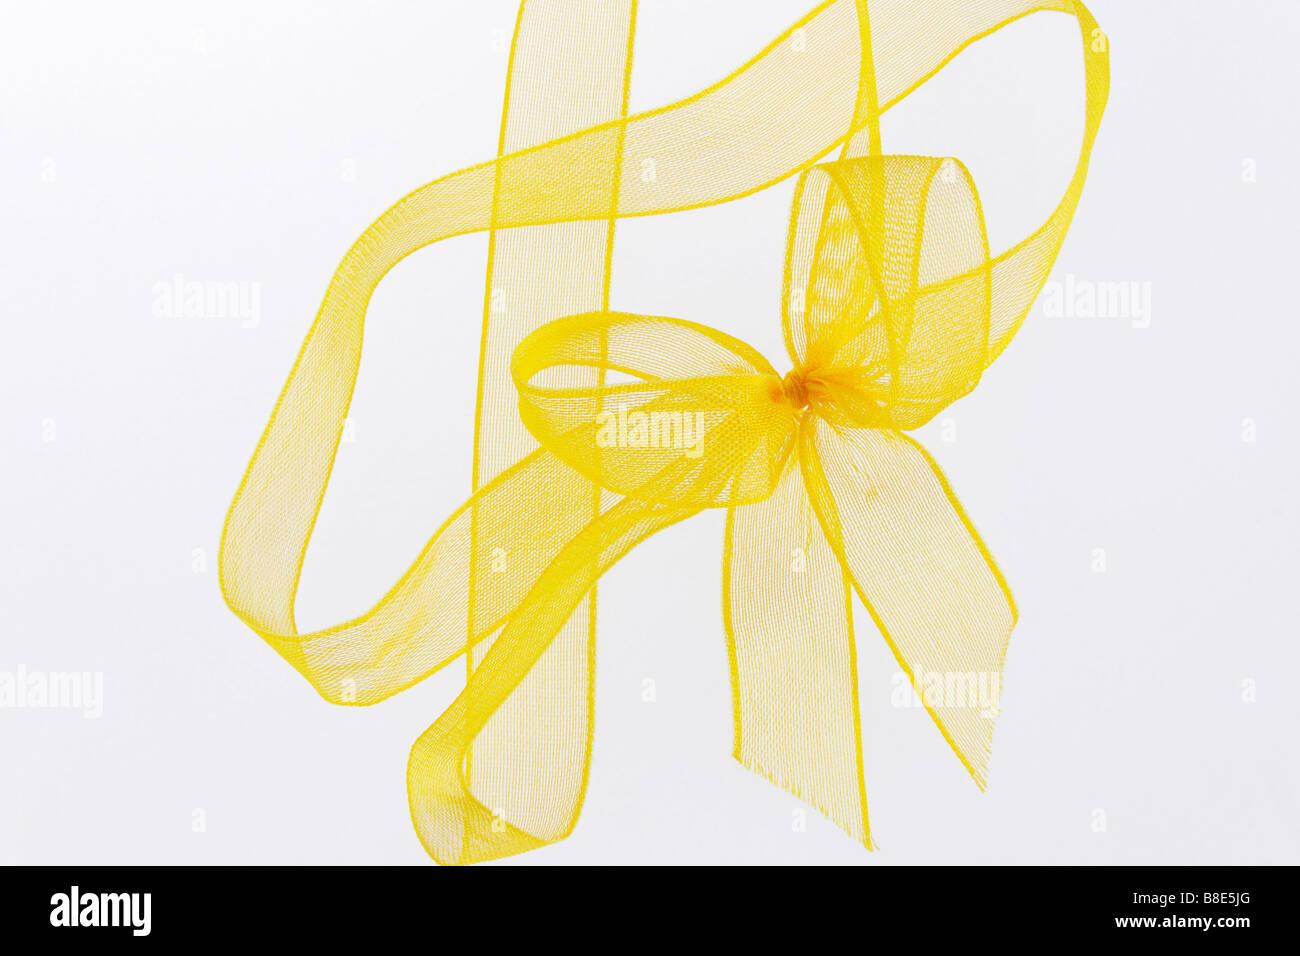 Imagen del clip y de arco de cinta amarilla Imagen De Stock